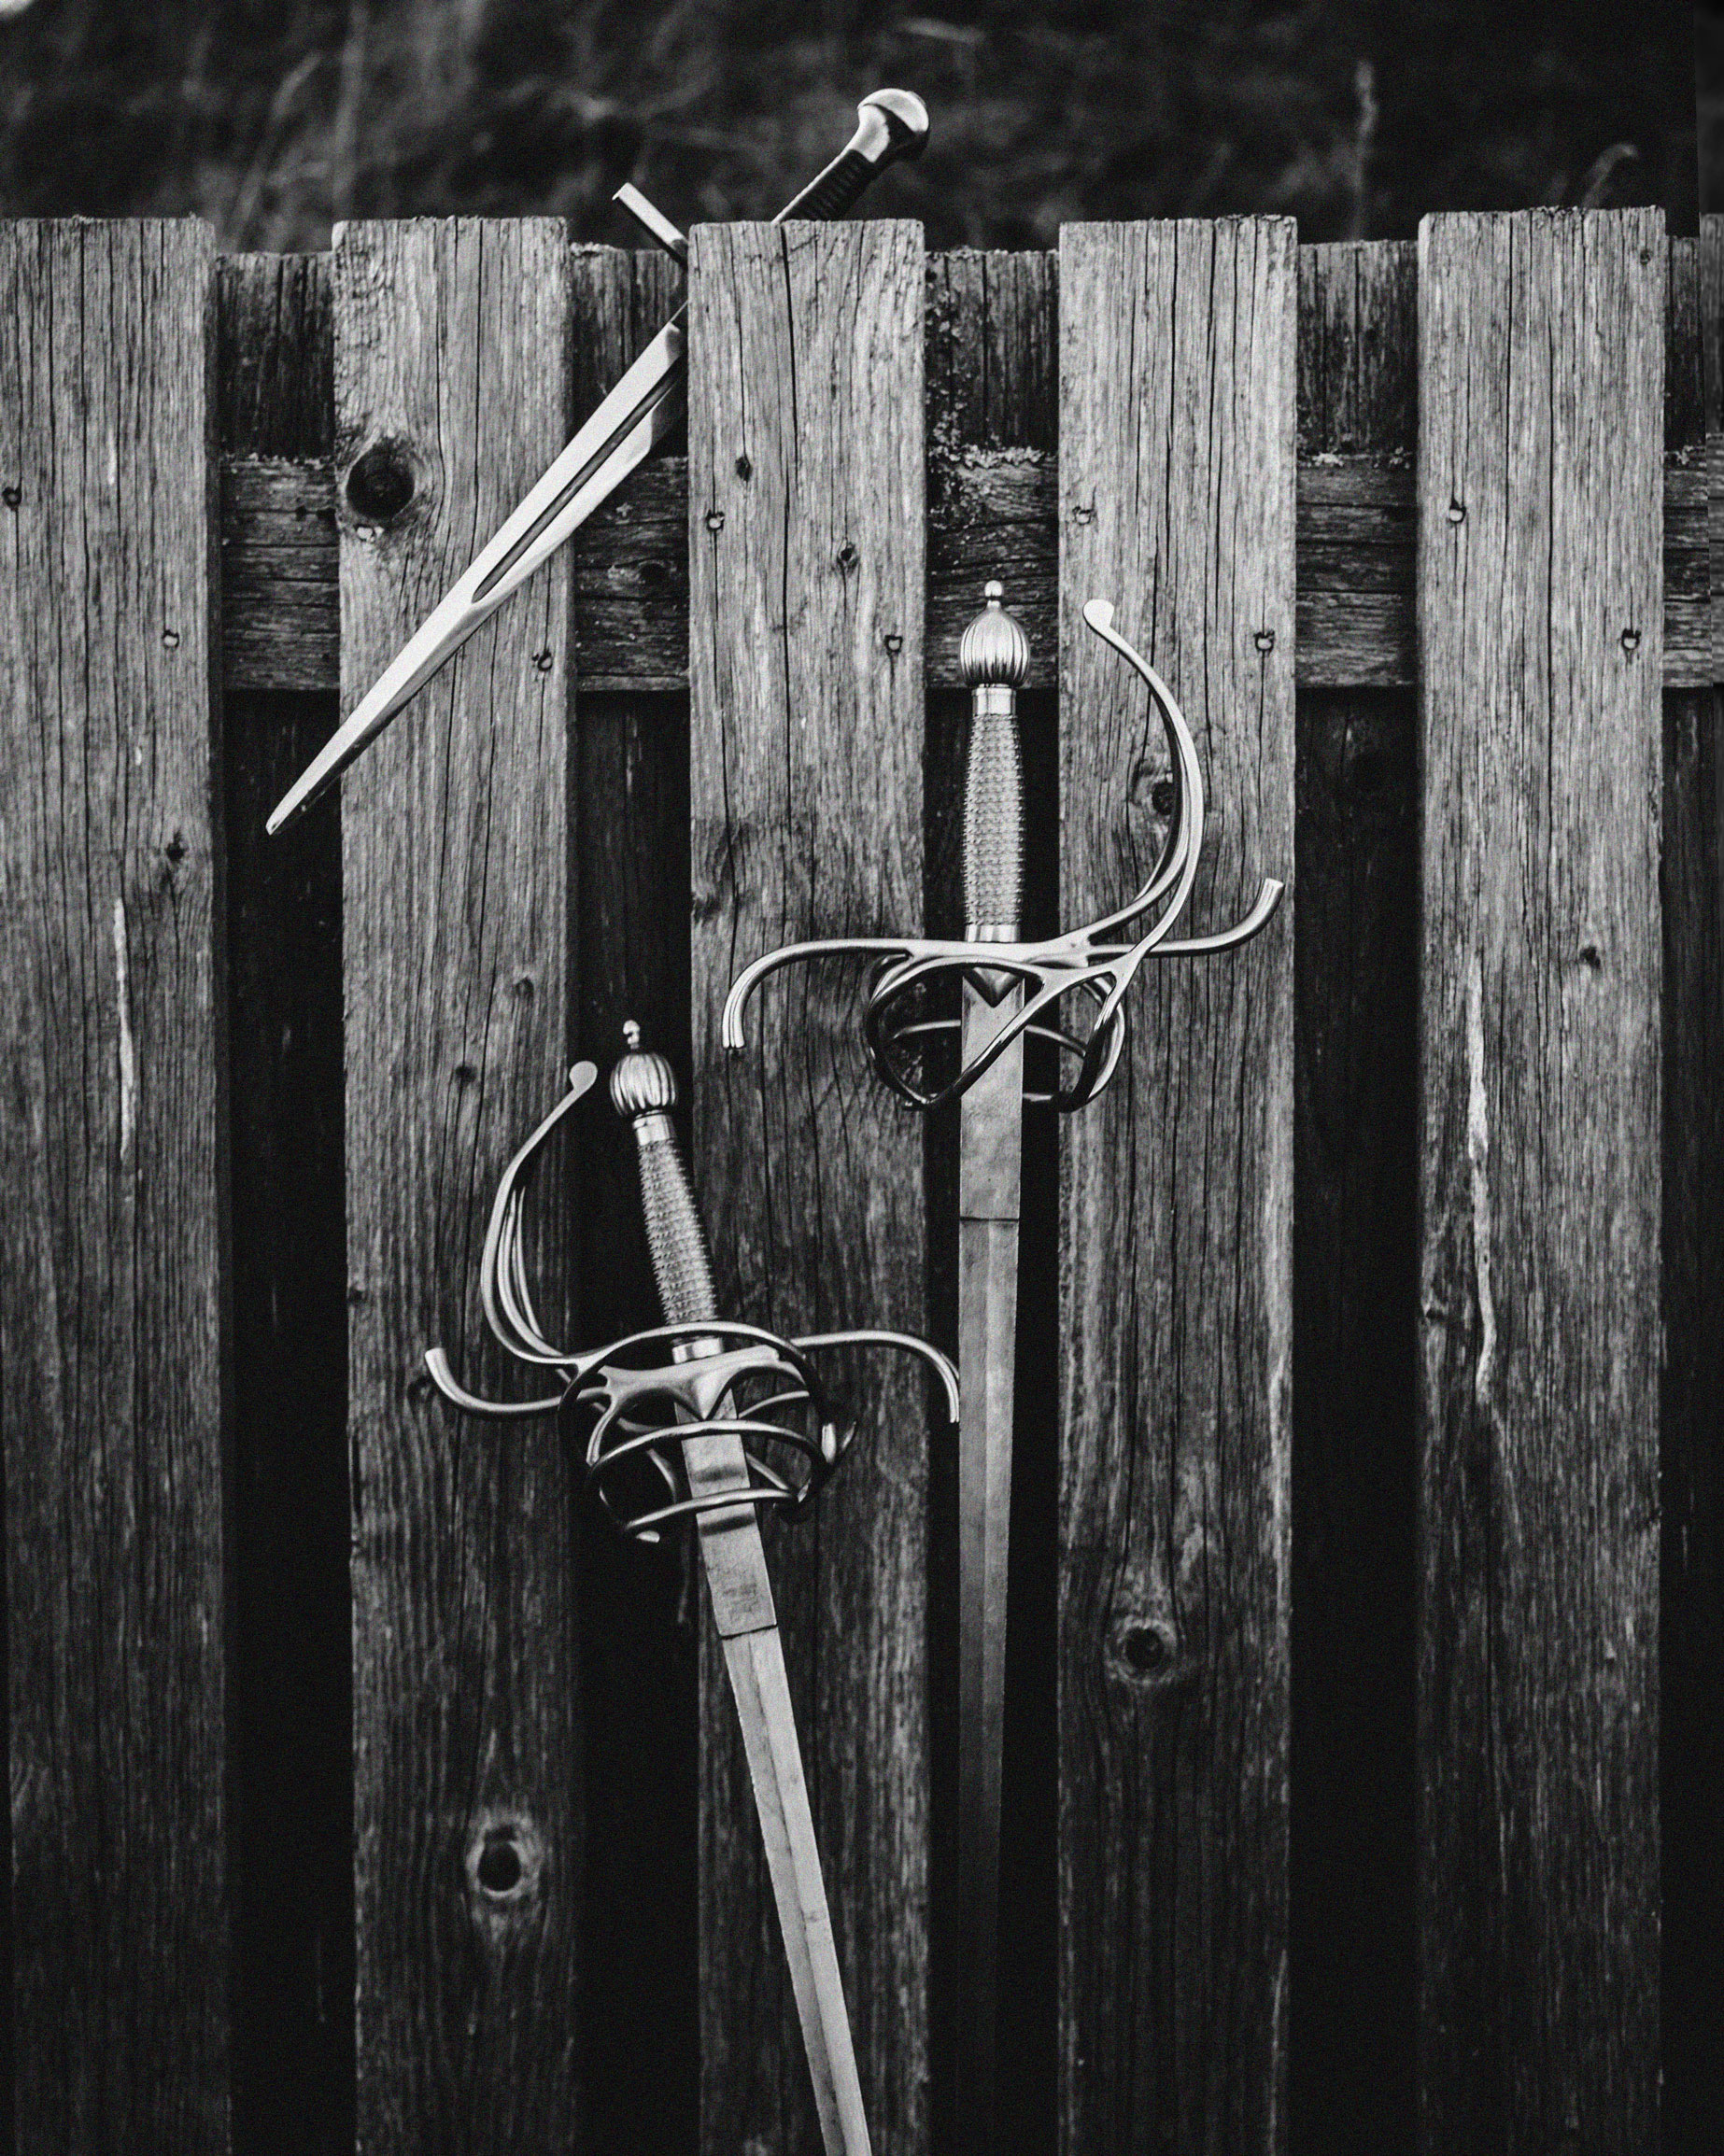 Rapier and Dagger